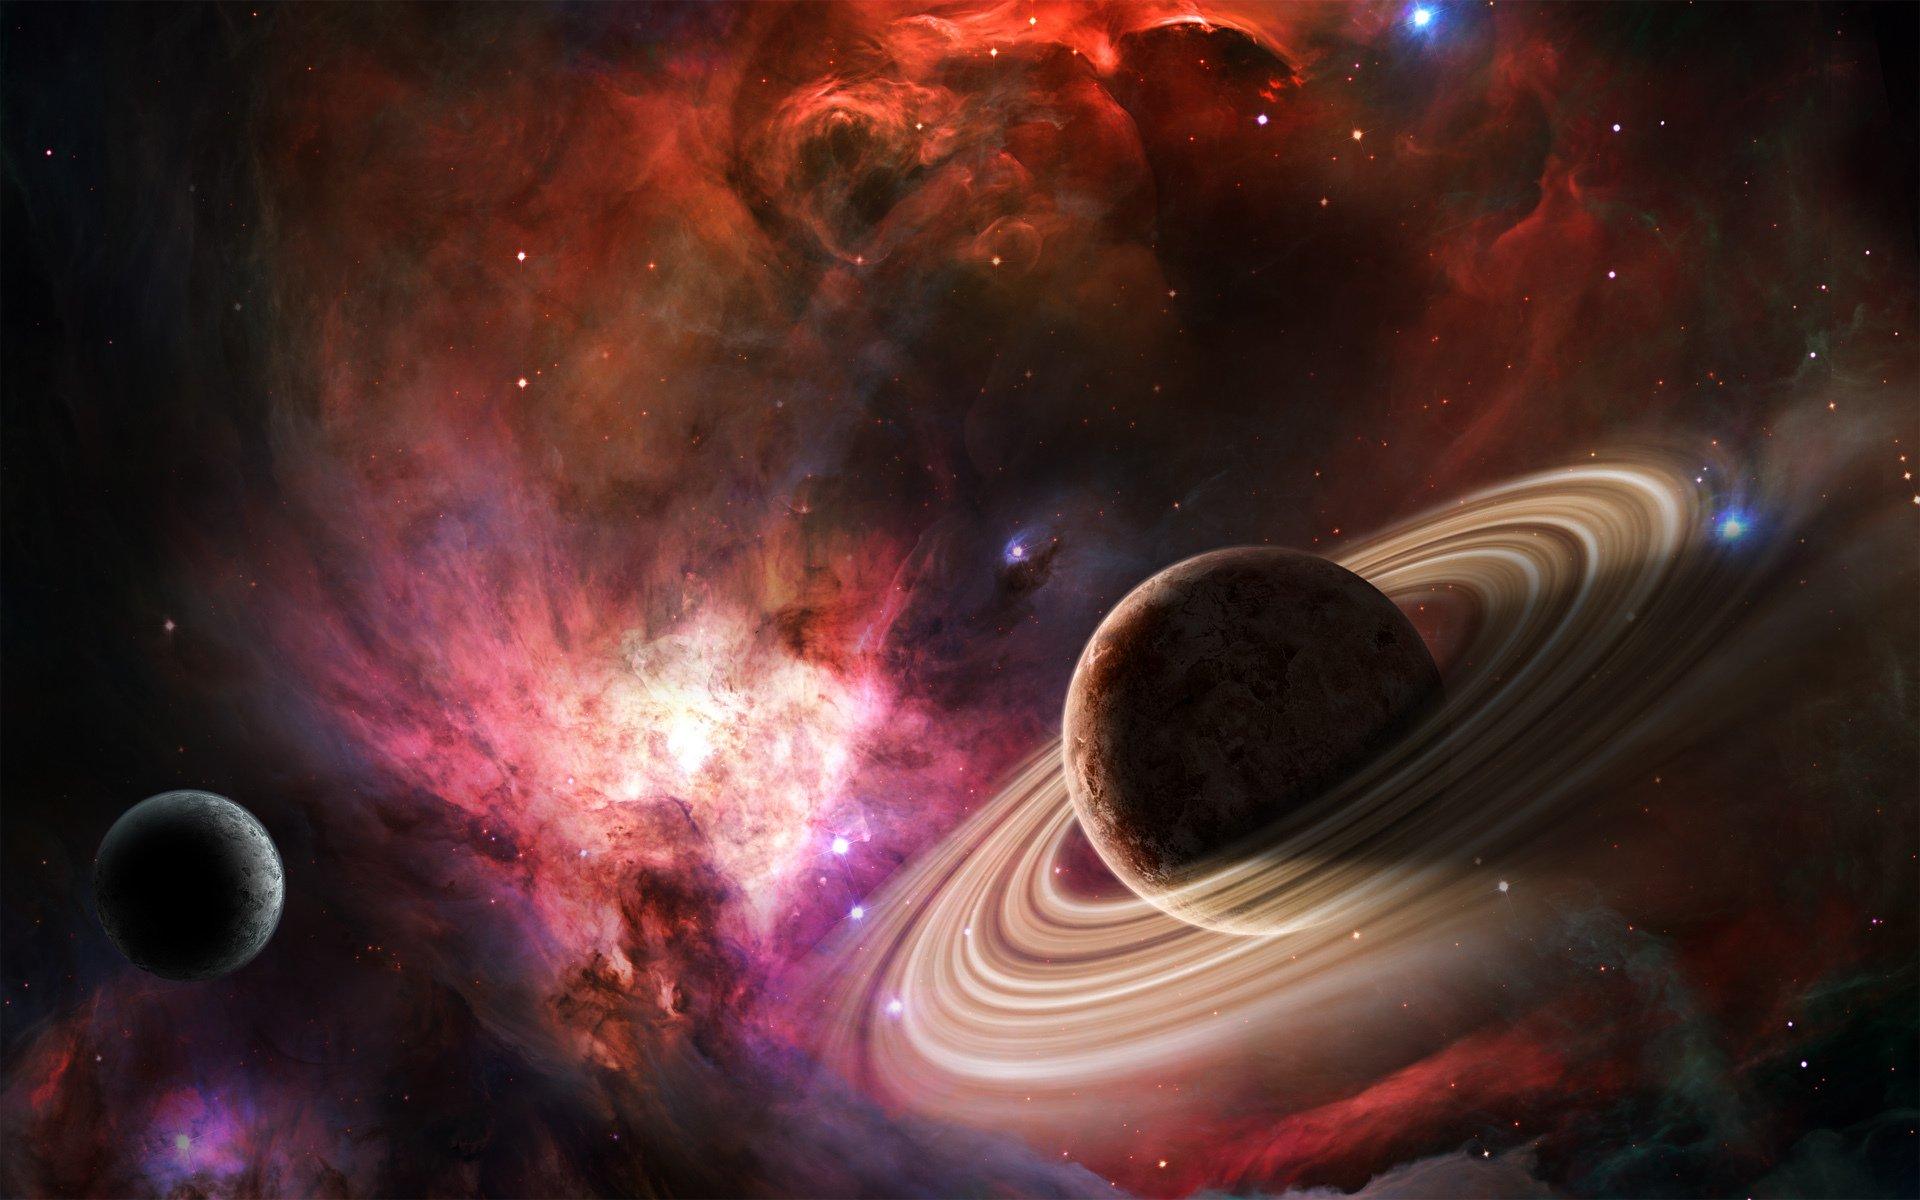 космос планеты фото в высоком качестве